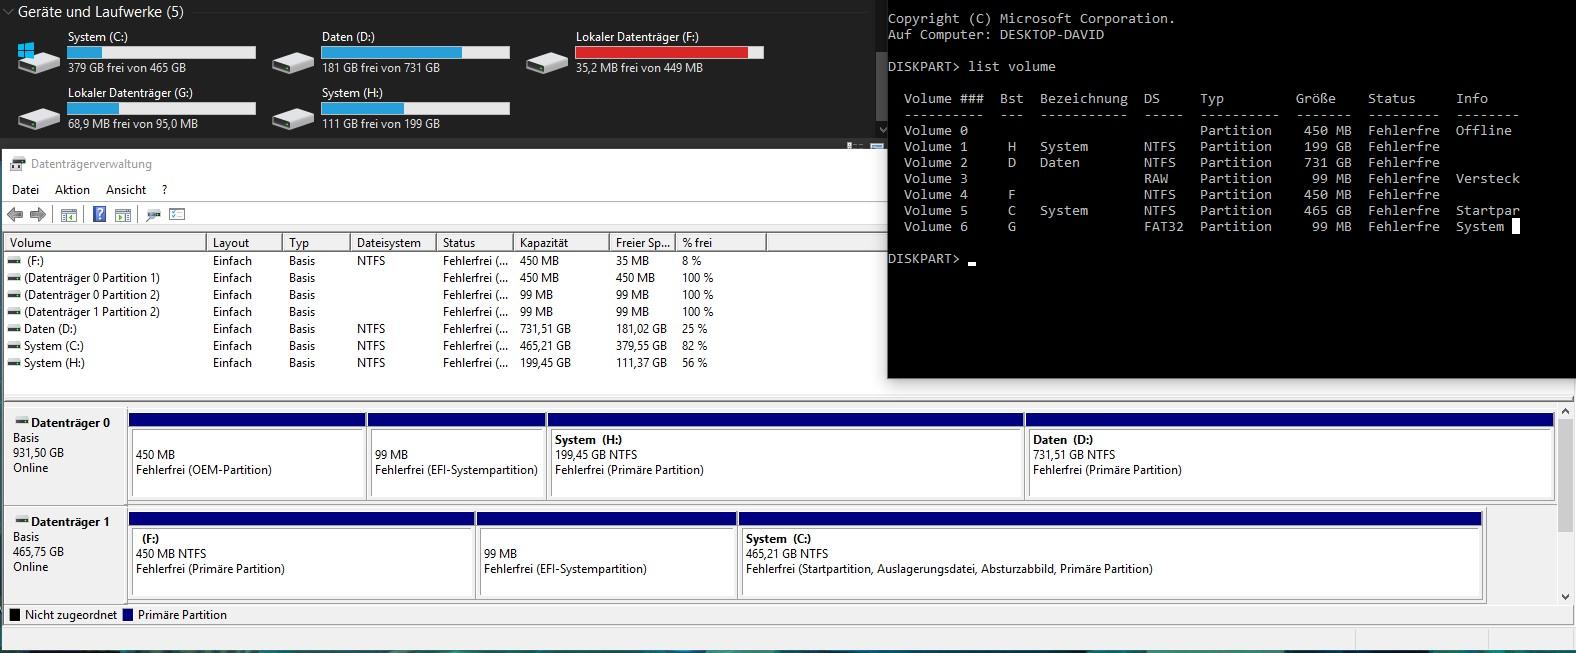 OEM-Partition wurde zu Primär Partition nach Migration von HDD auf SSD